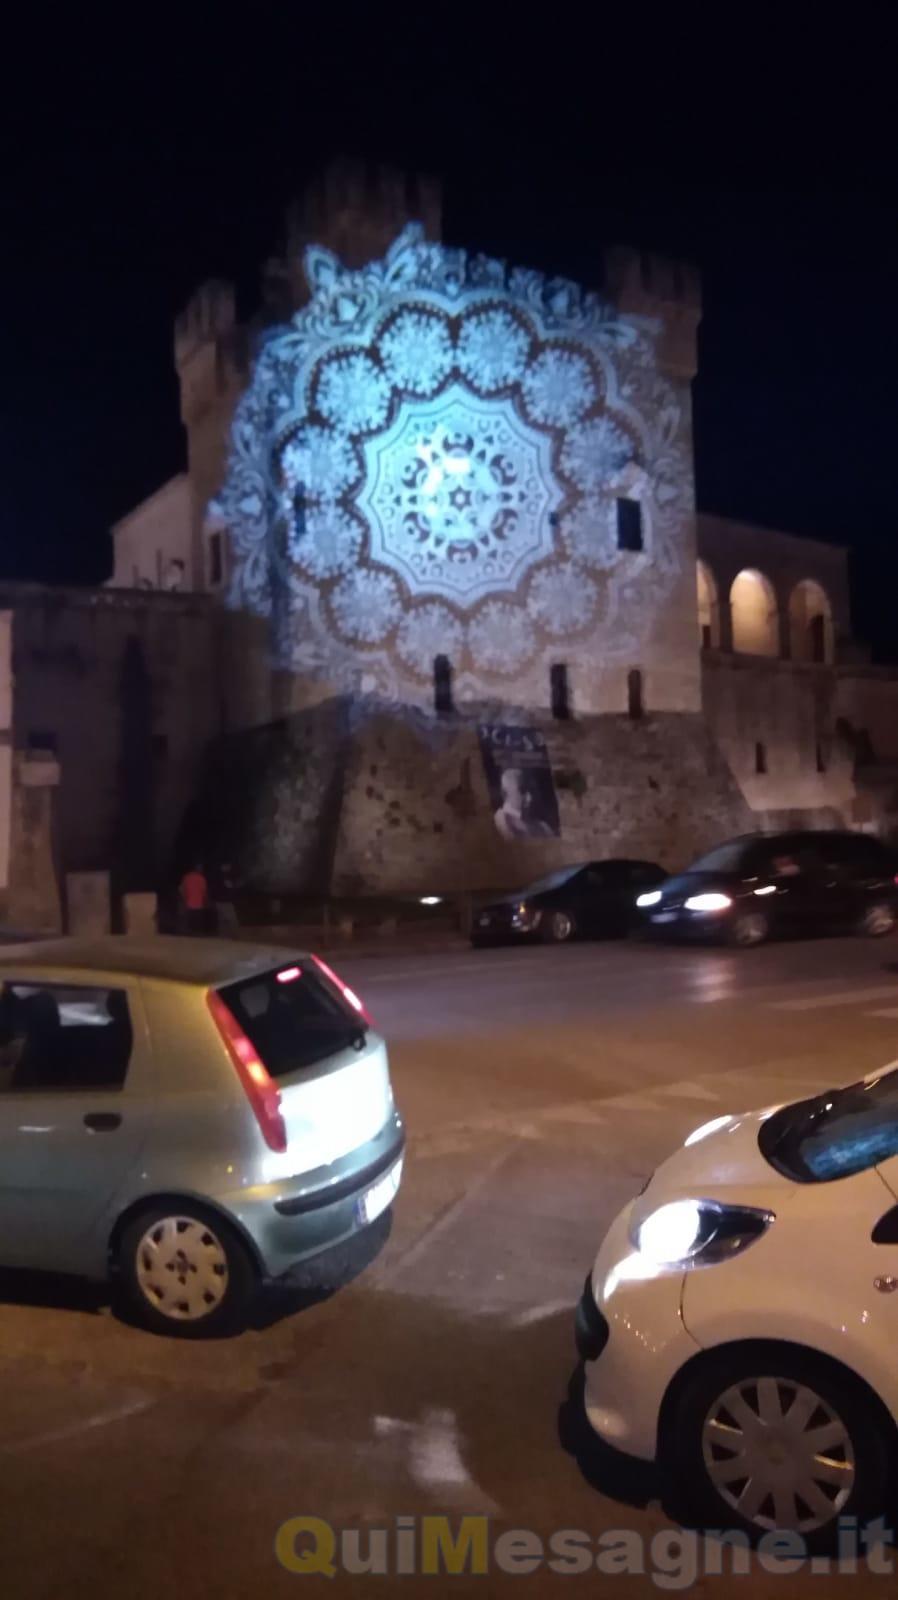 Vi piace il Castello illuminato così?